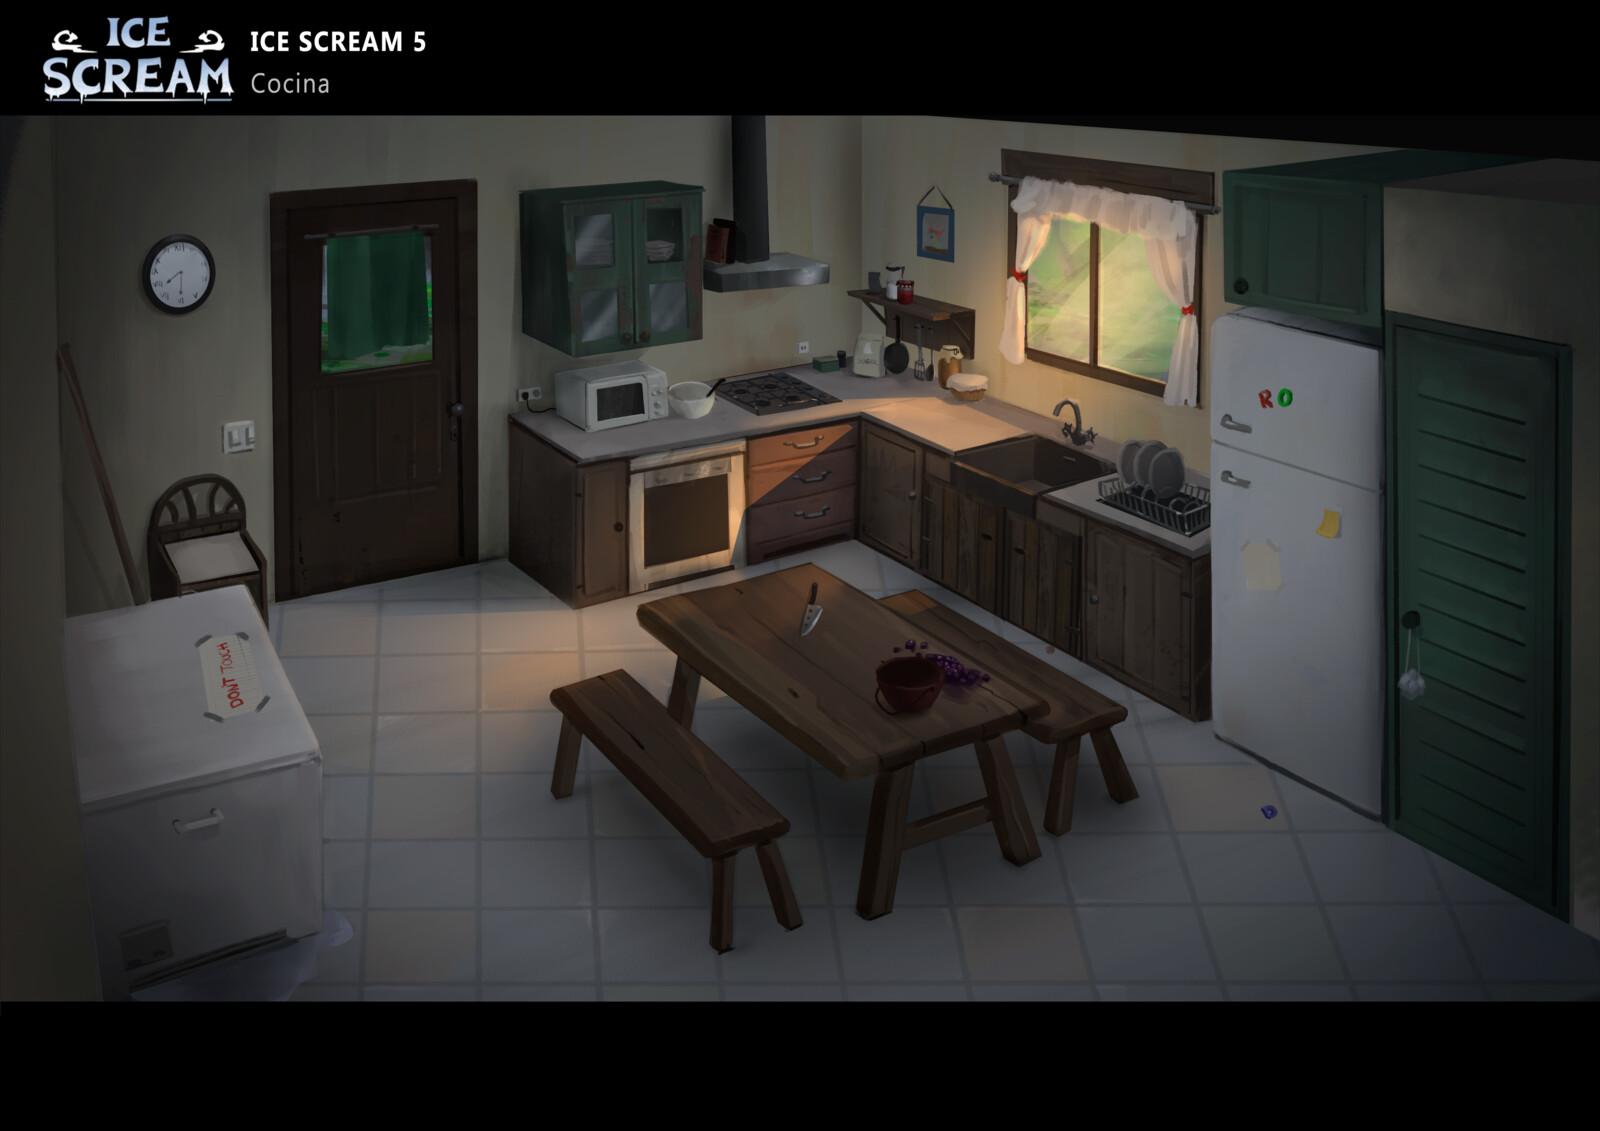 Ice scream 5 - Environments